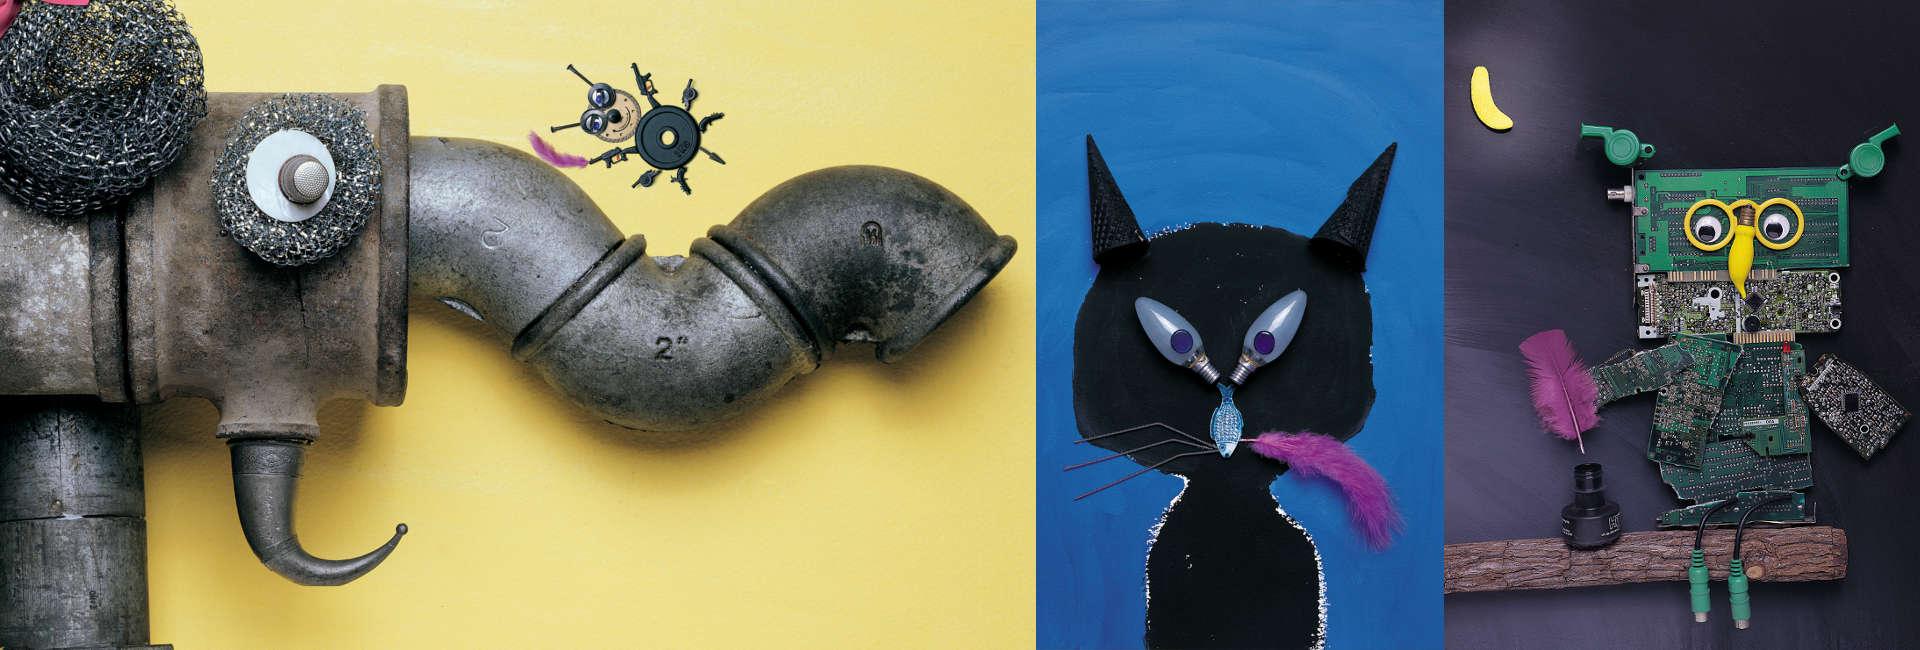 Arte de Hanoch Piven, parte del libro ilustrado La Pluma Violeta - encuéntralo en Leetra.